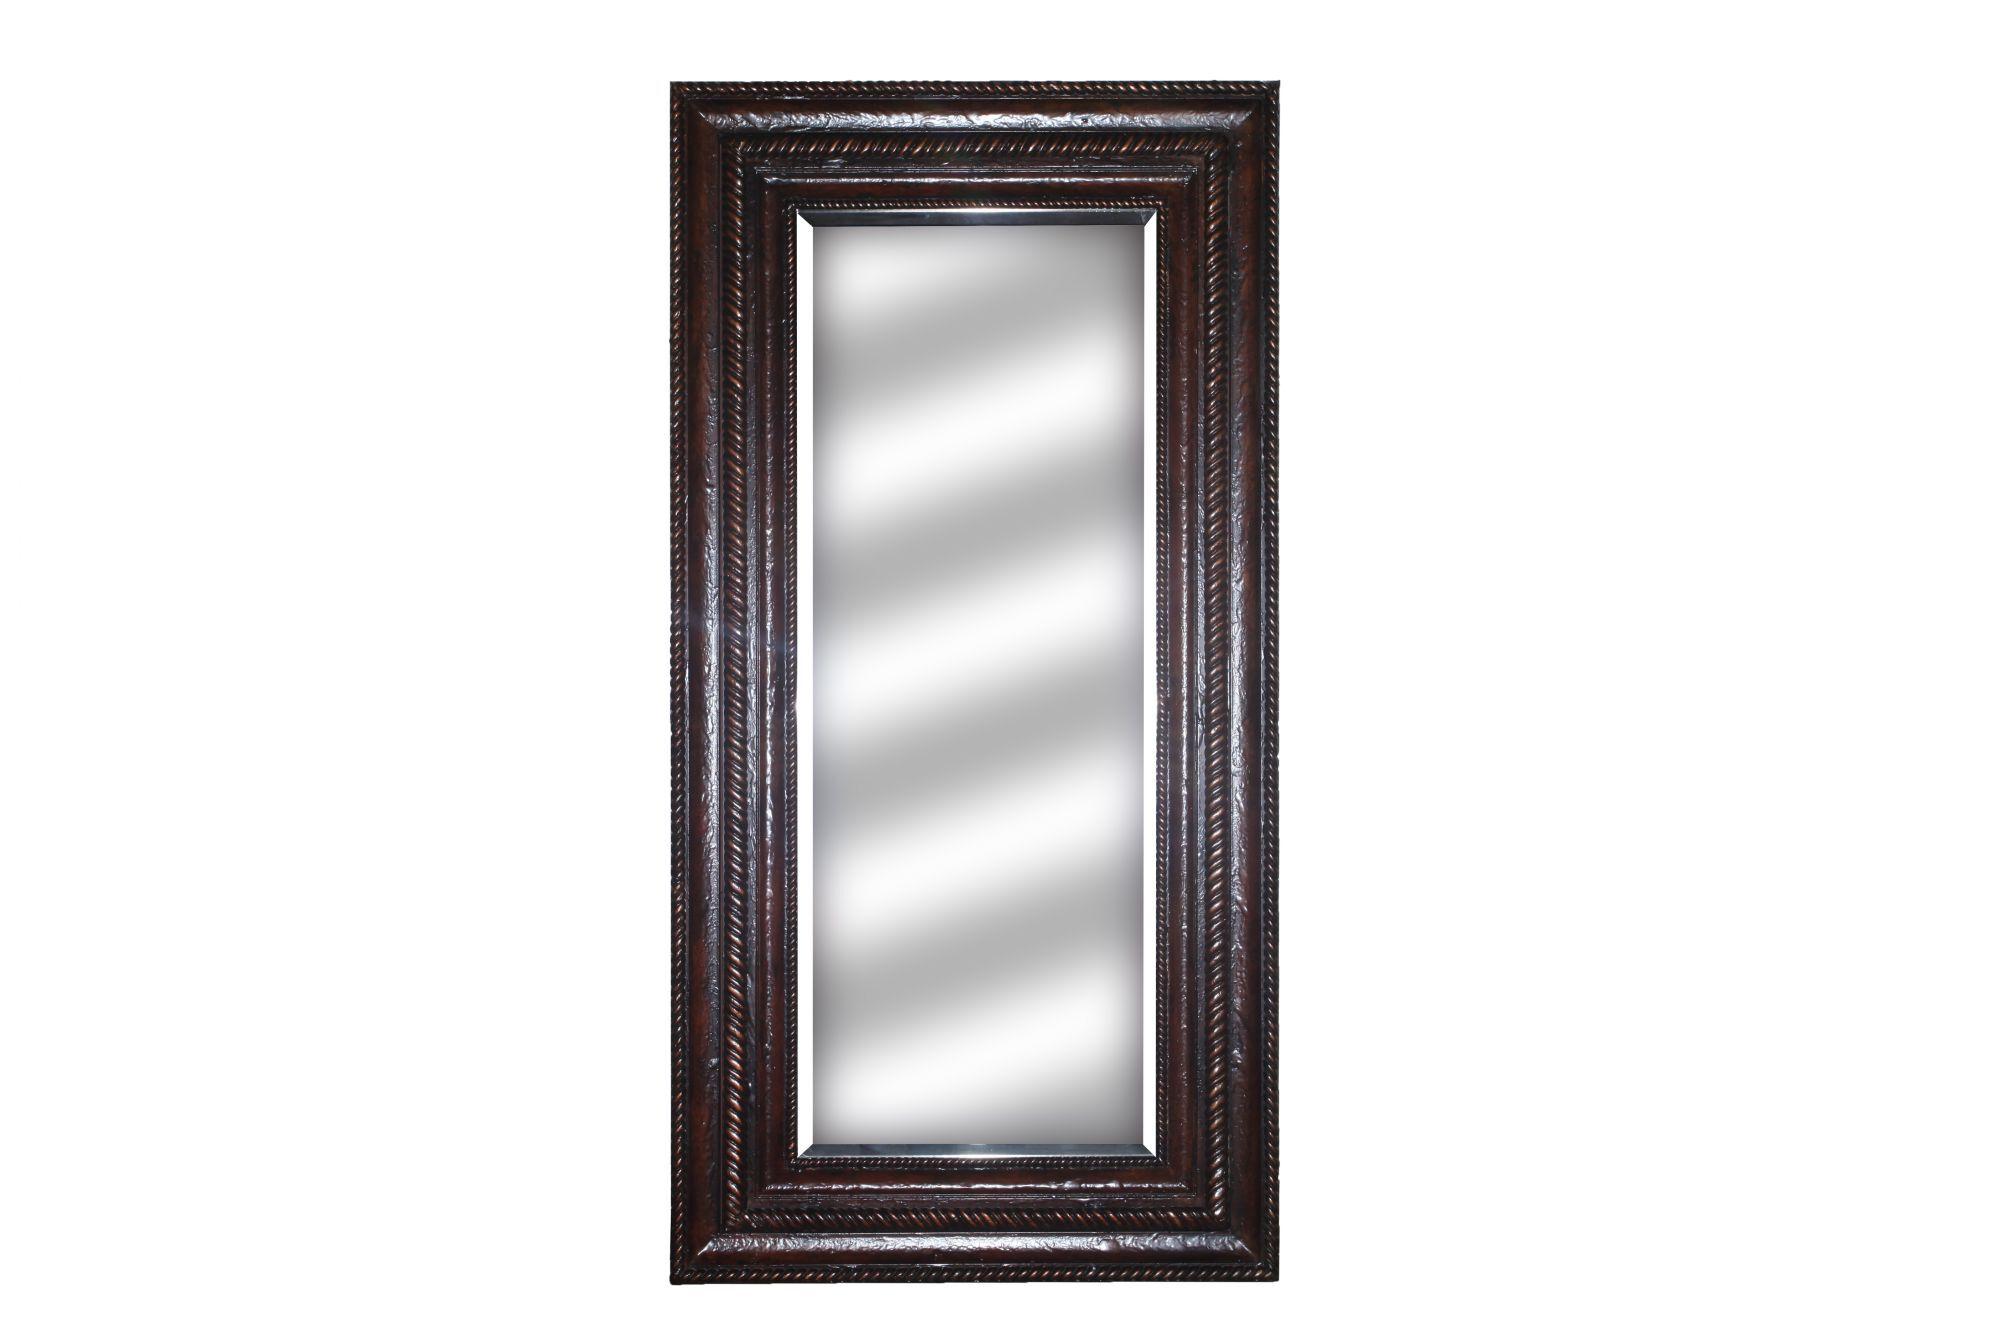 76u0026quot; Gadrooned Floor Mirror With Hidden Storageu0026nbsp ...